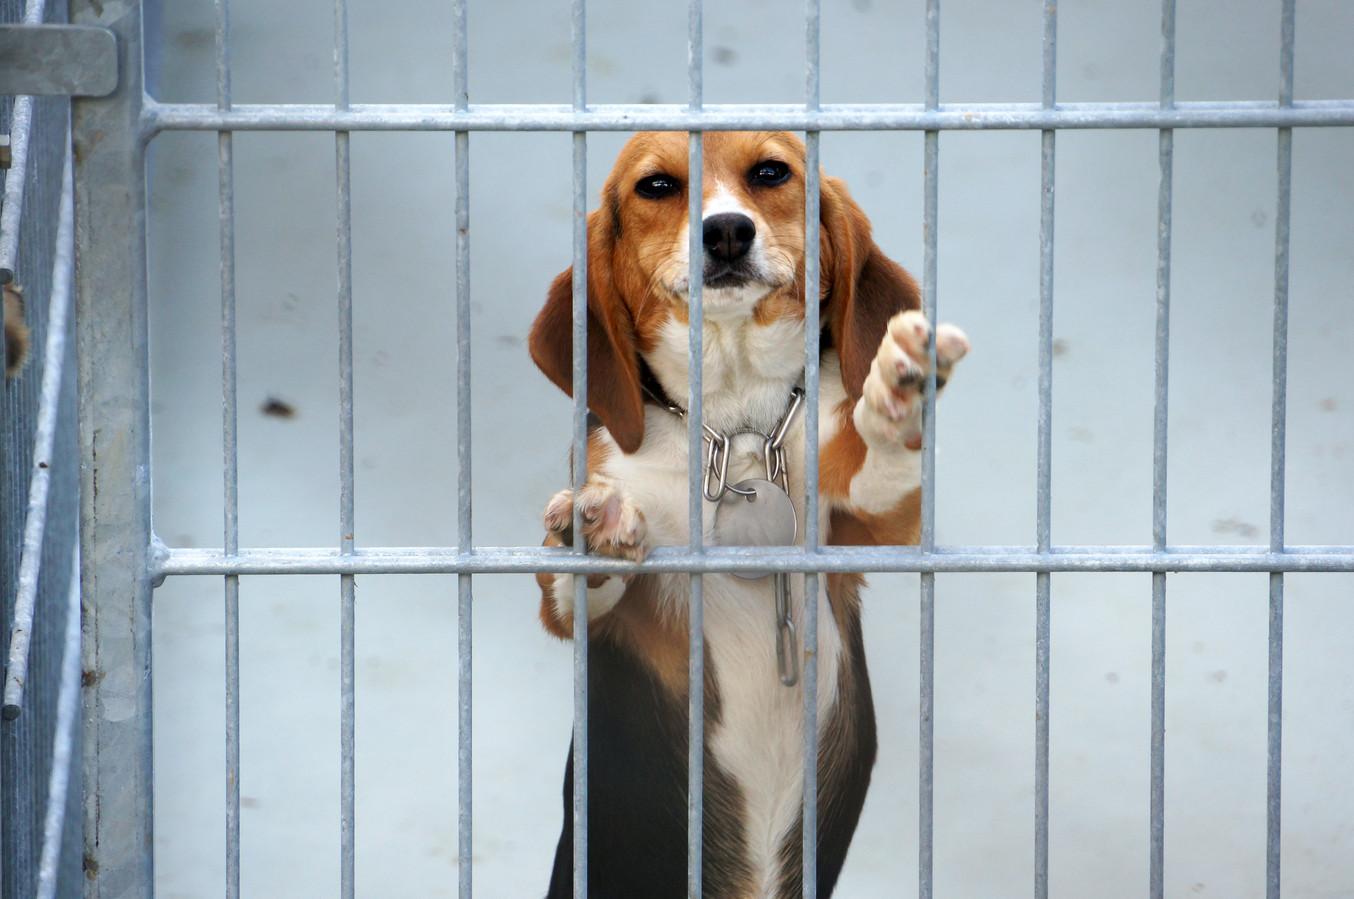 Beagle-honden die voor dierproeven worden gebruikt. Beeld gemaakt bij proefdierfokker Harlan (tegenwoordig Envigo) in Duitsland.